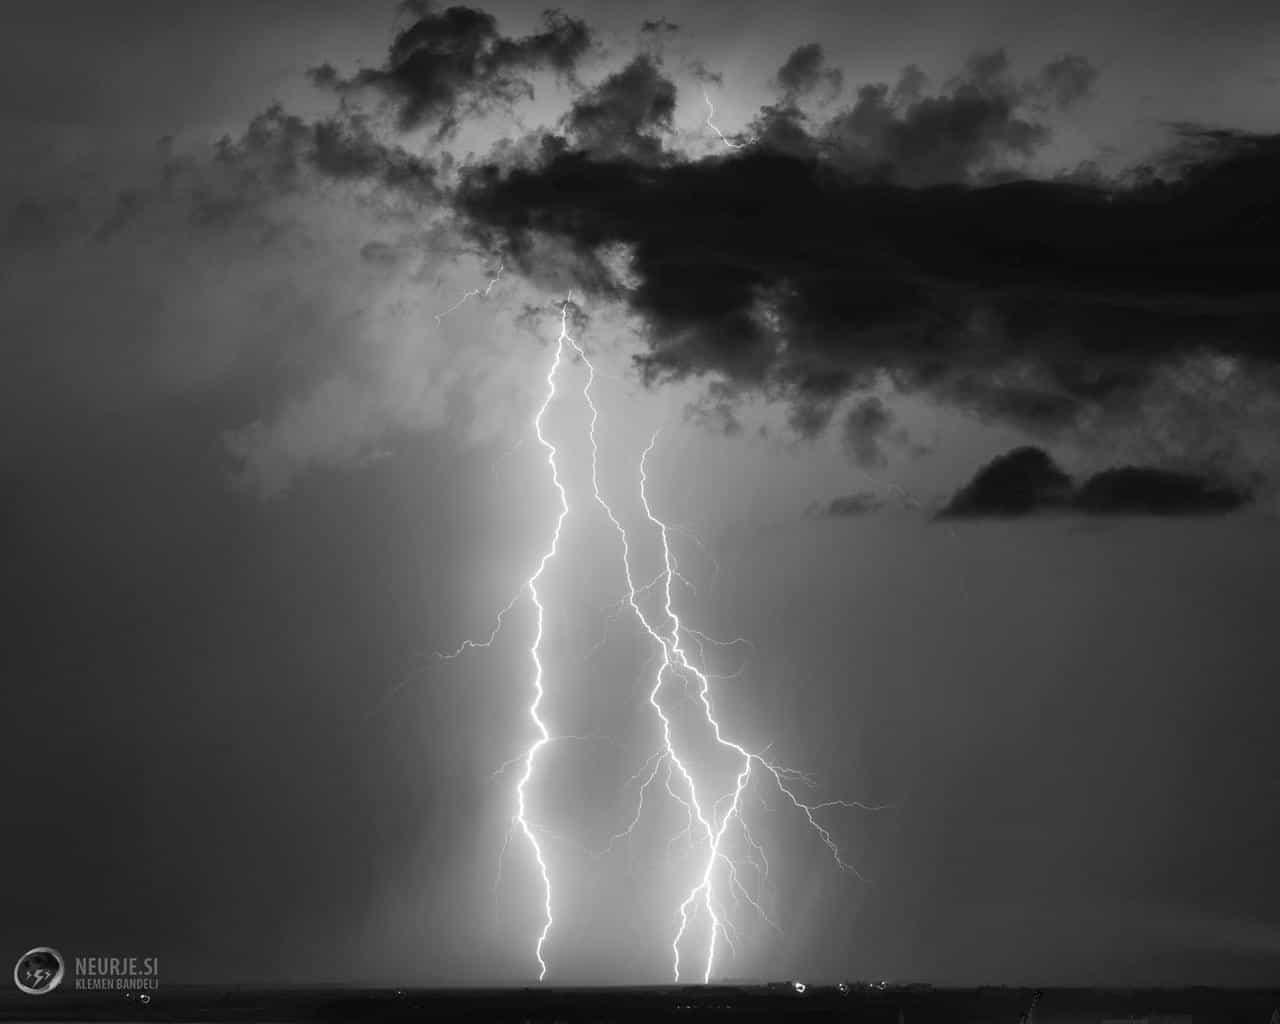 B&W lightning from last summer in SW Slovenia